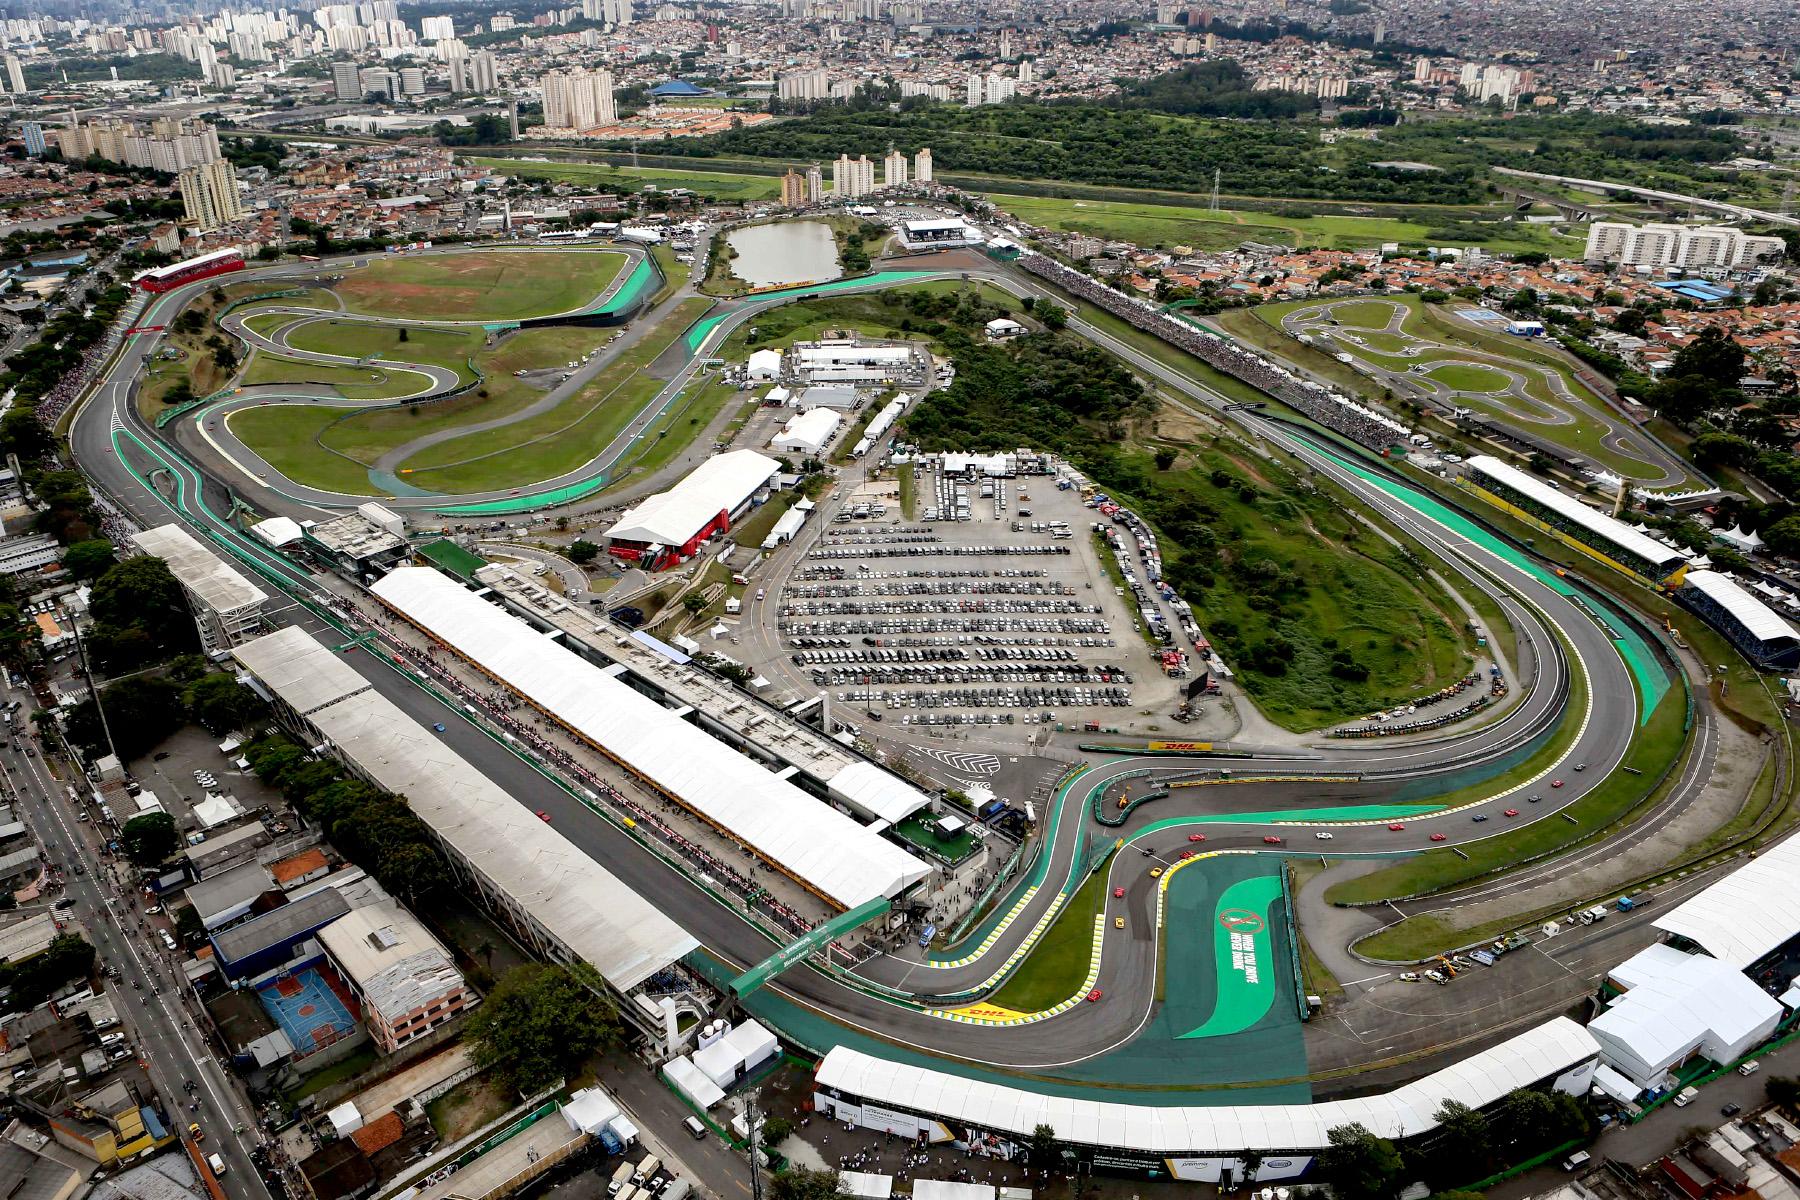 The Autódromo José Carlos Pace.